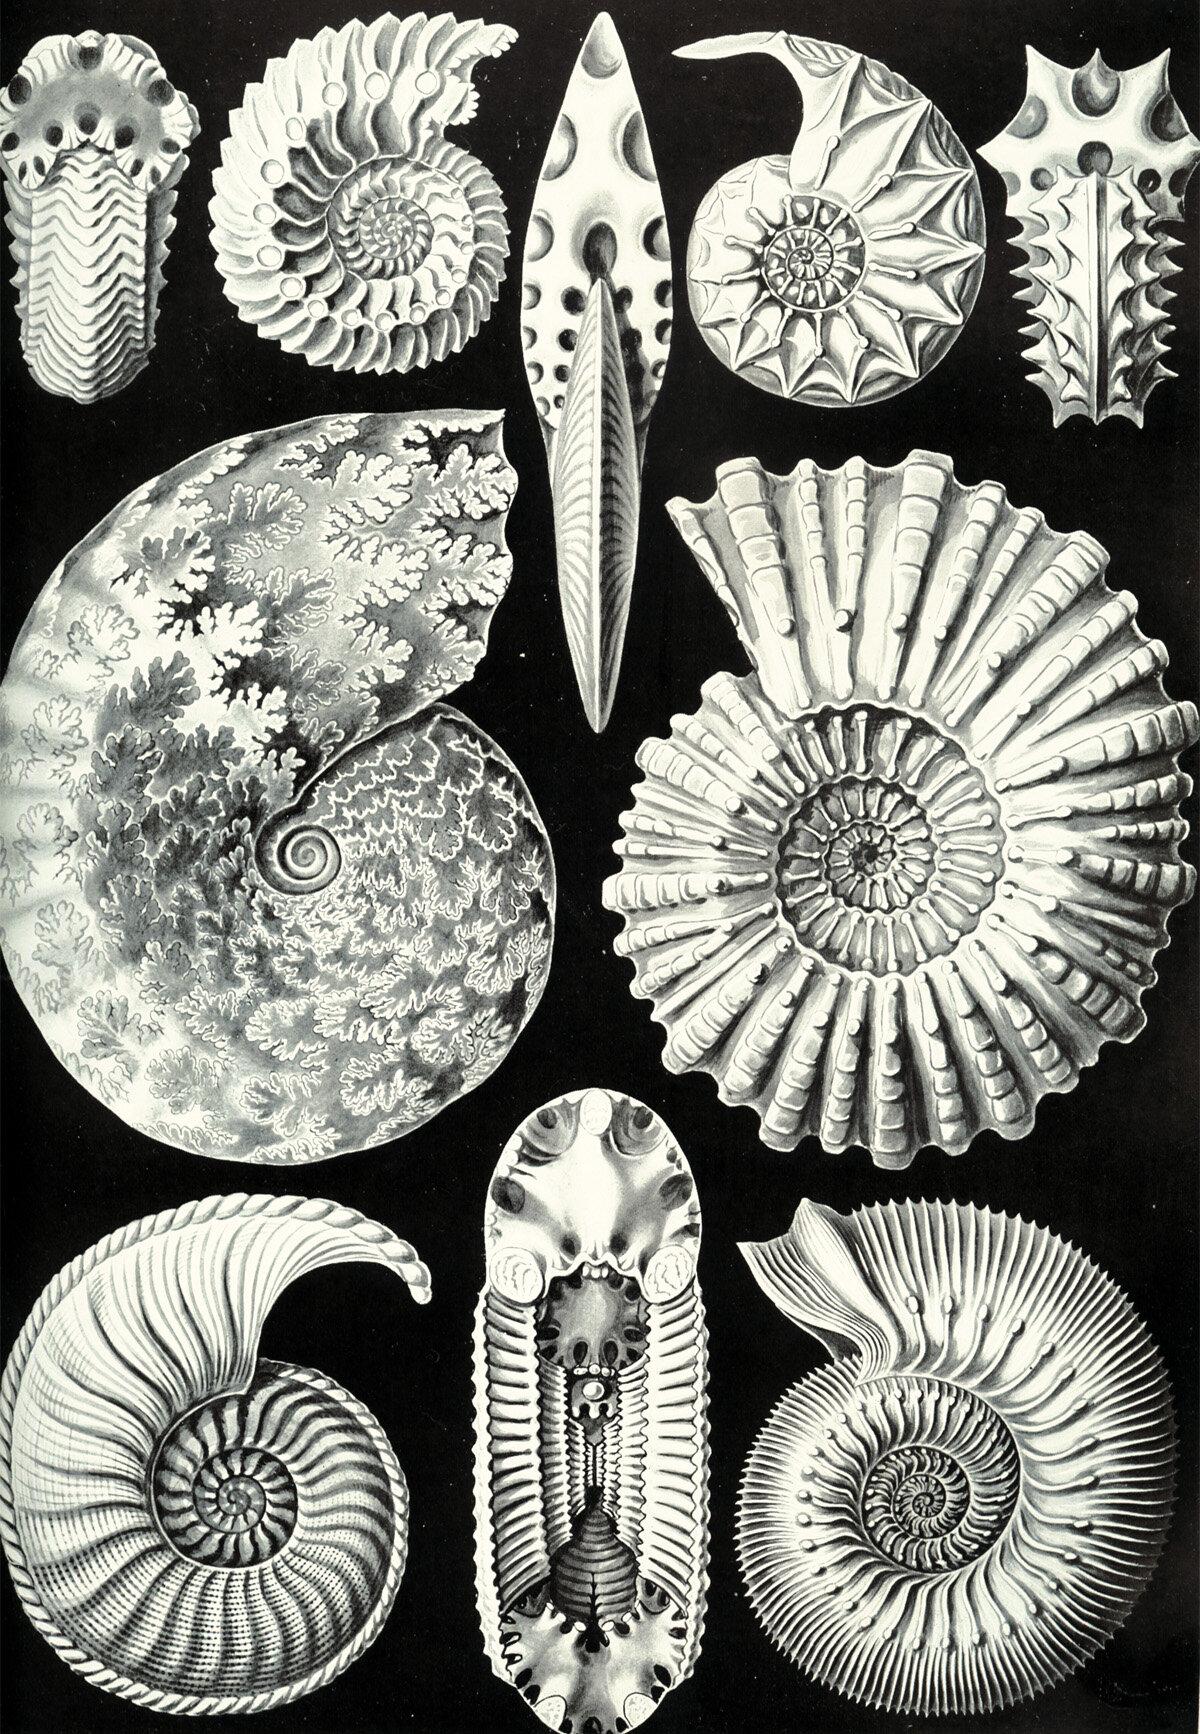 Evive Designs Vintage Seashells Iii By Julia Kearney Graphic Art Print Wayfair